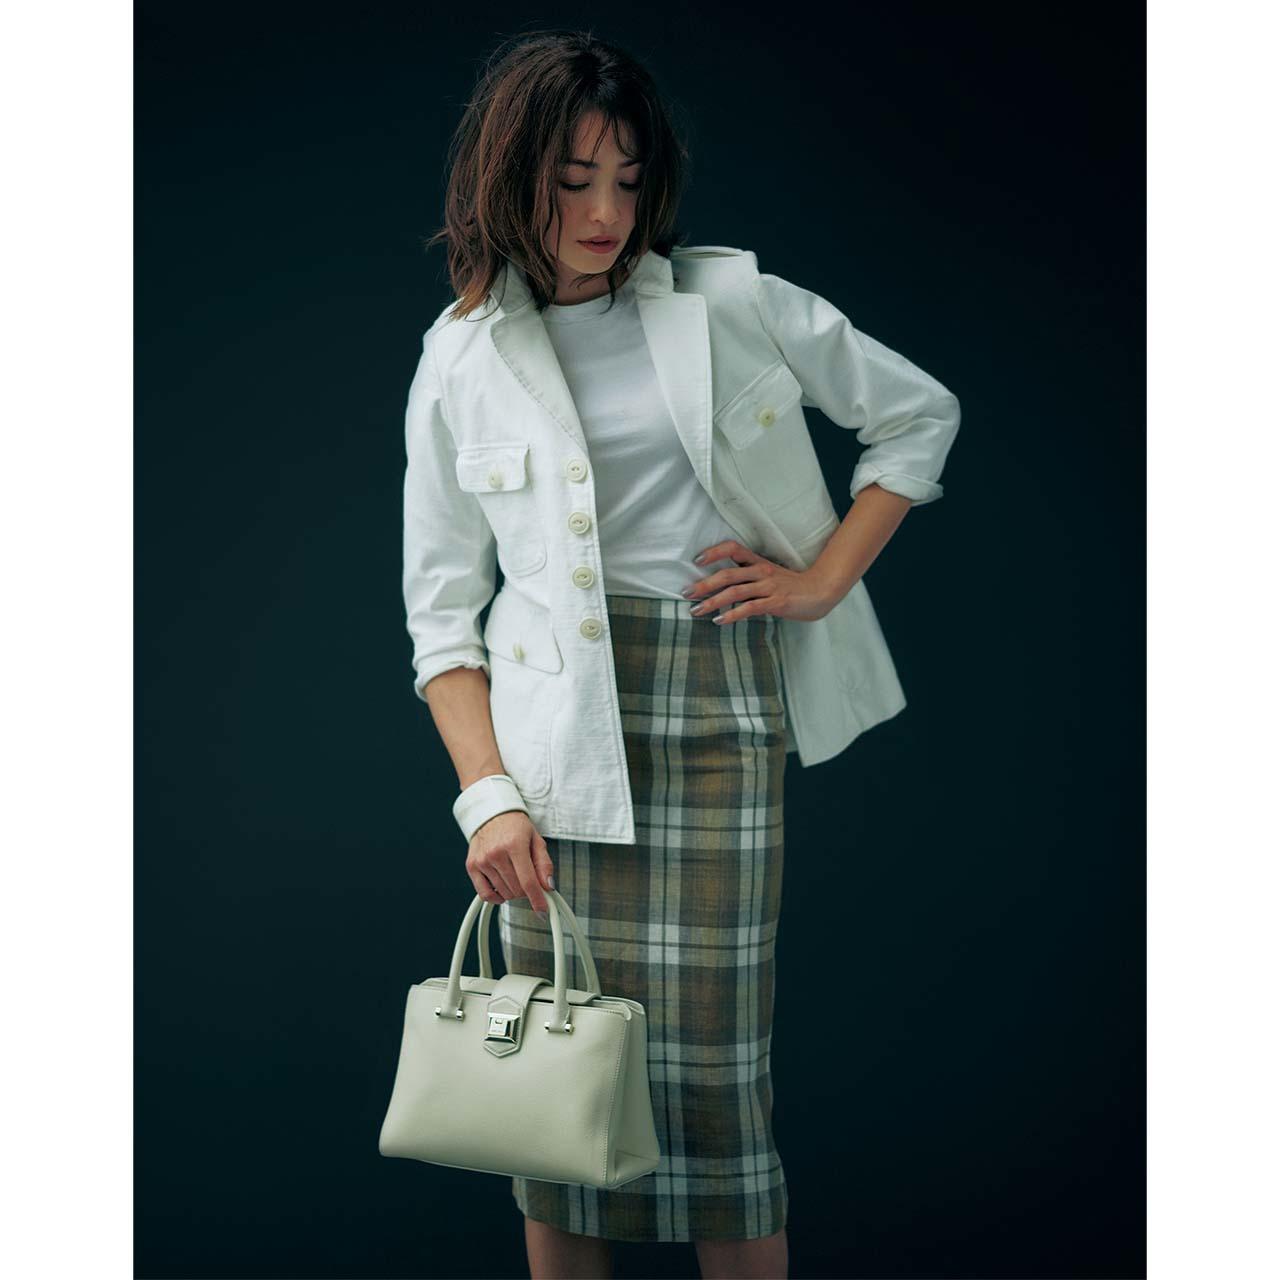 ジャケット×ペンシルスカートコーデを着たモデルのRINAさん